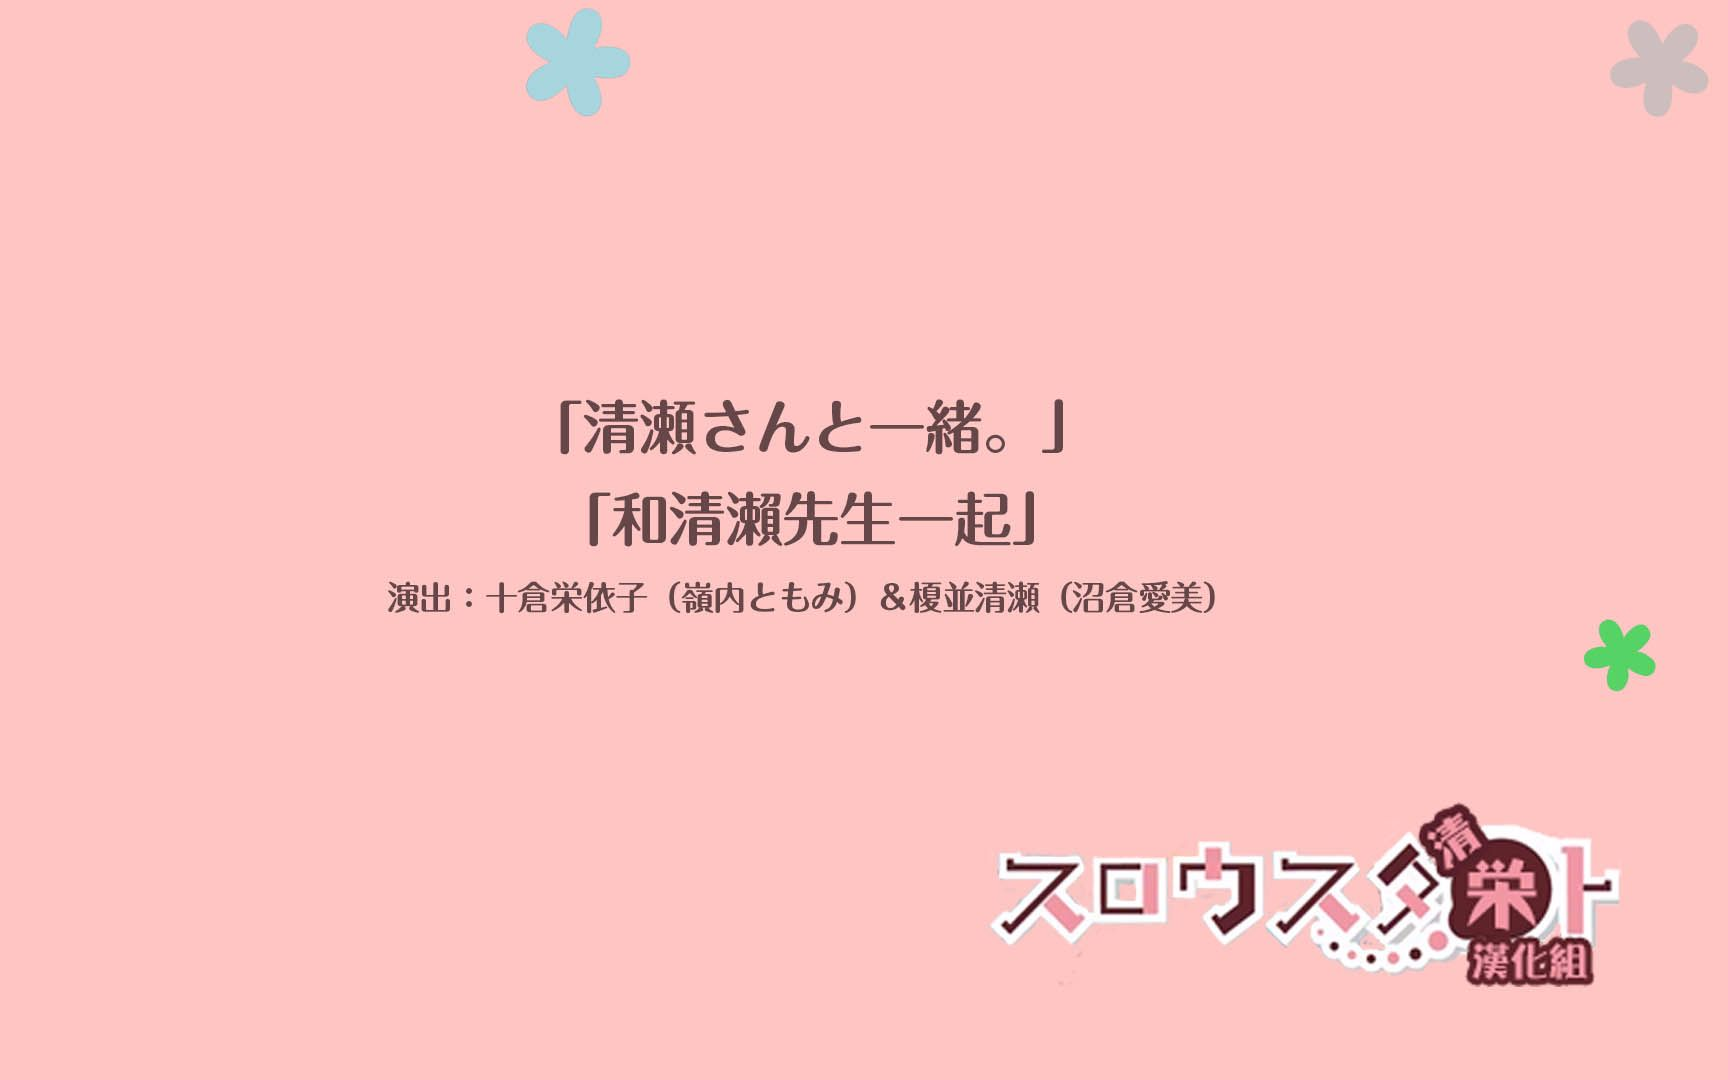 【中文字幕】「Slow Start」BD第四卷特典广播剧 和清濑先生一起。